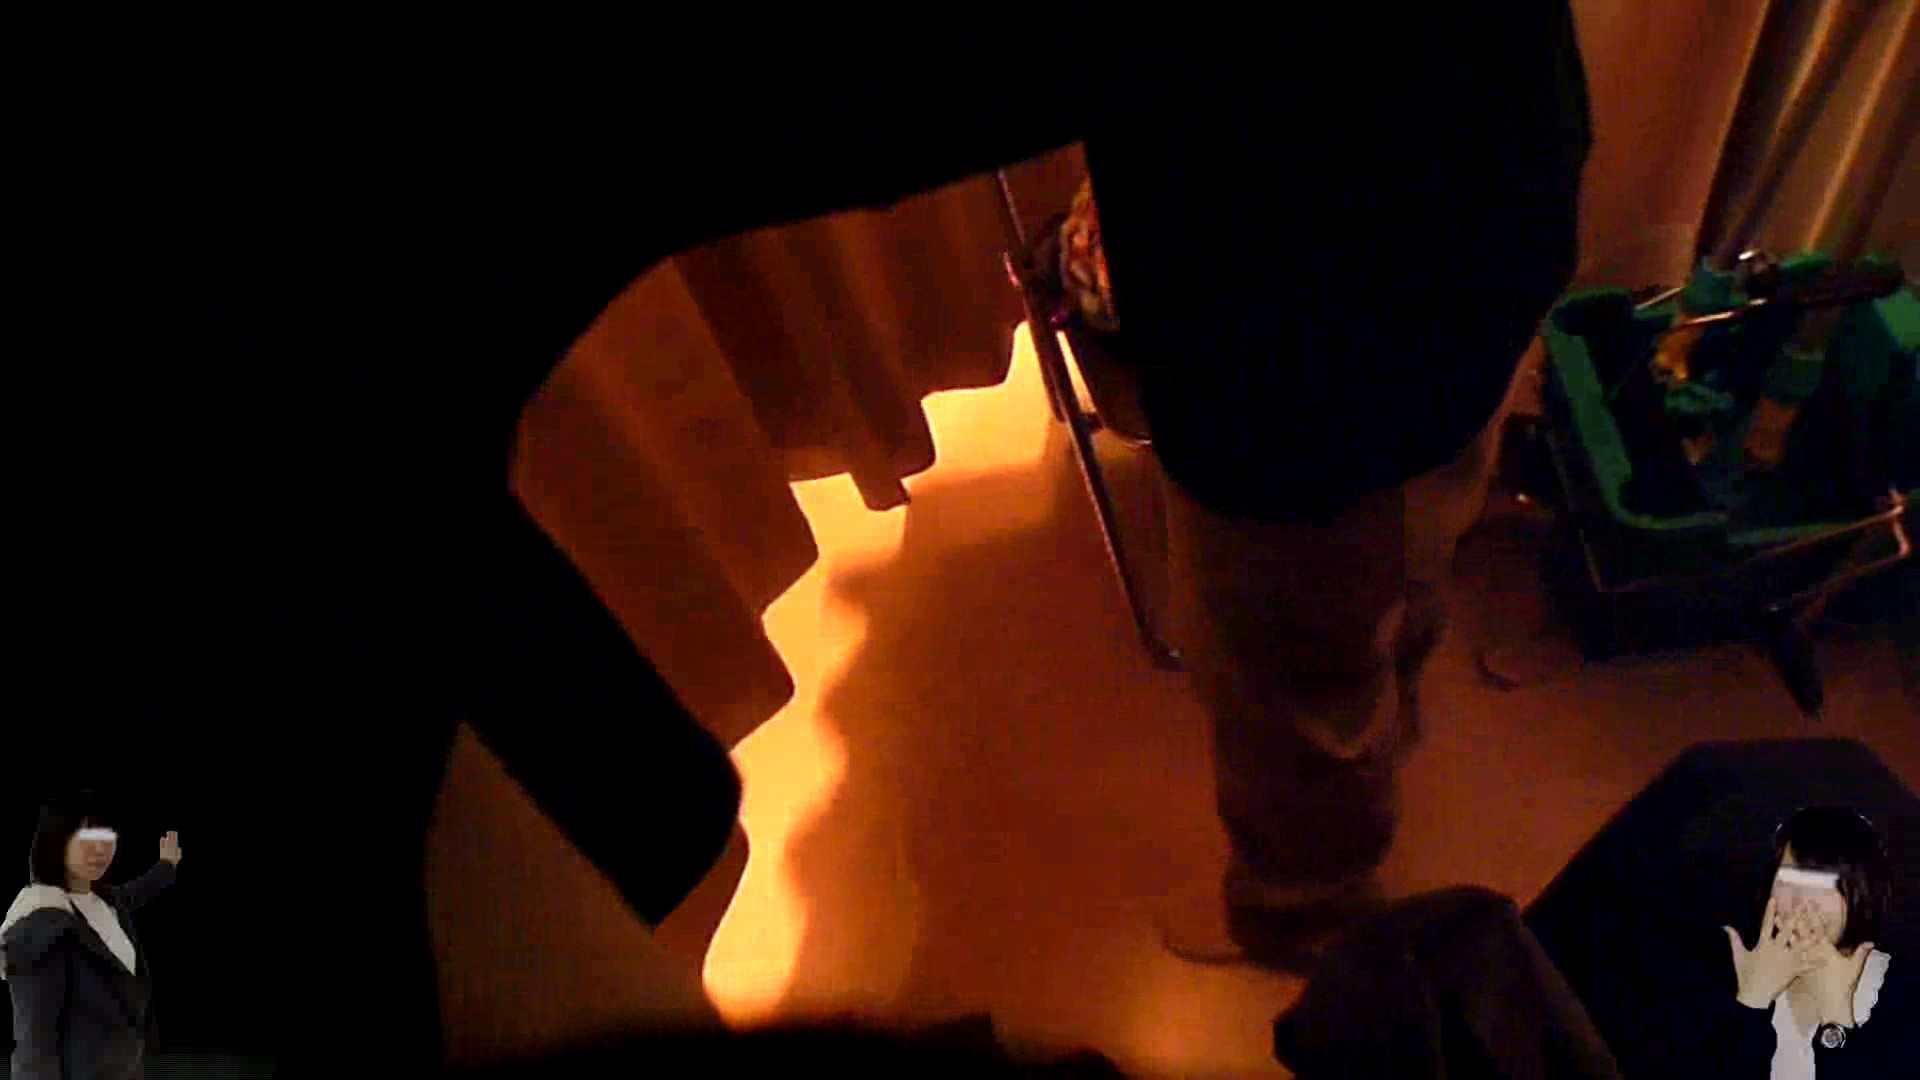 素人投稿 現役「JD」Eちゃんの着替え Vol.04 美しいOLの裸体   投稿  107pic 37